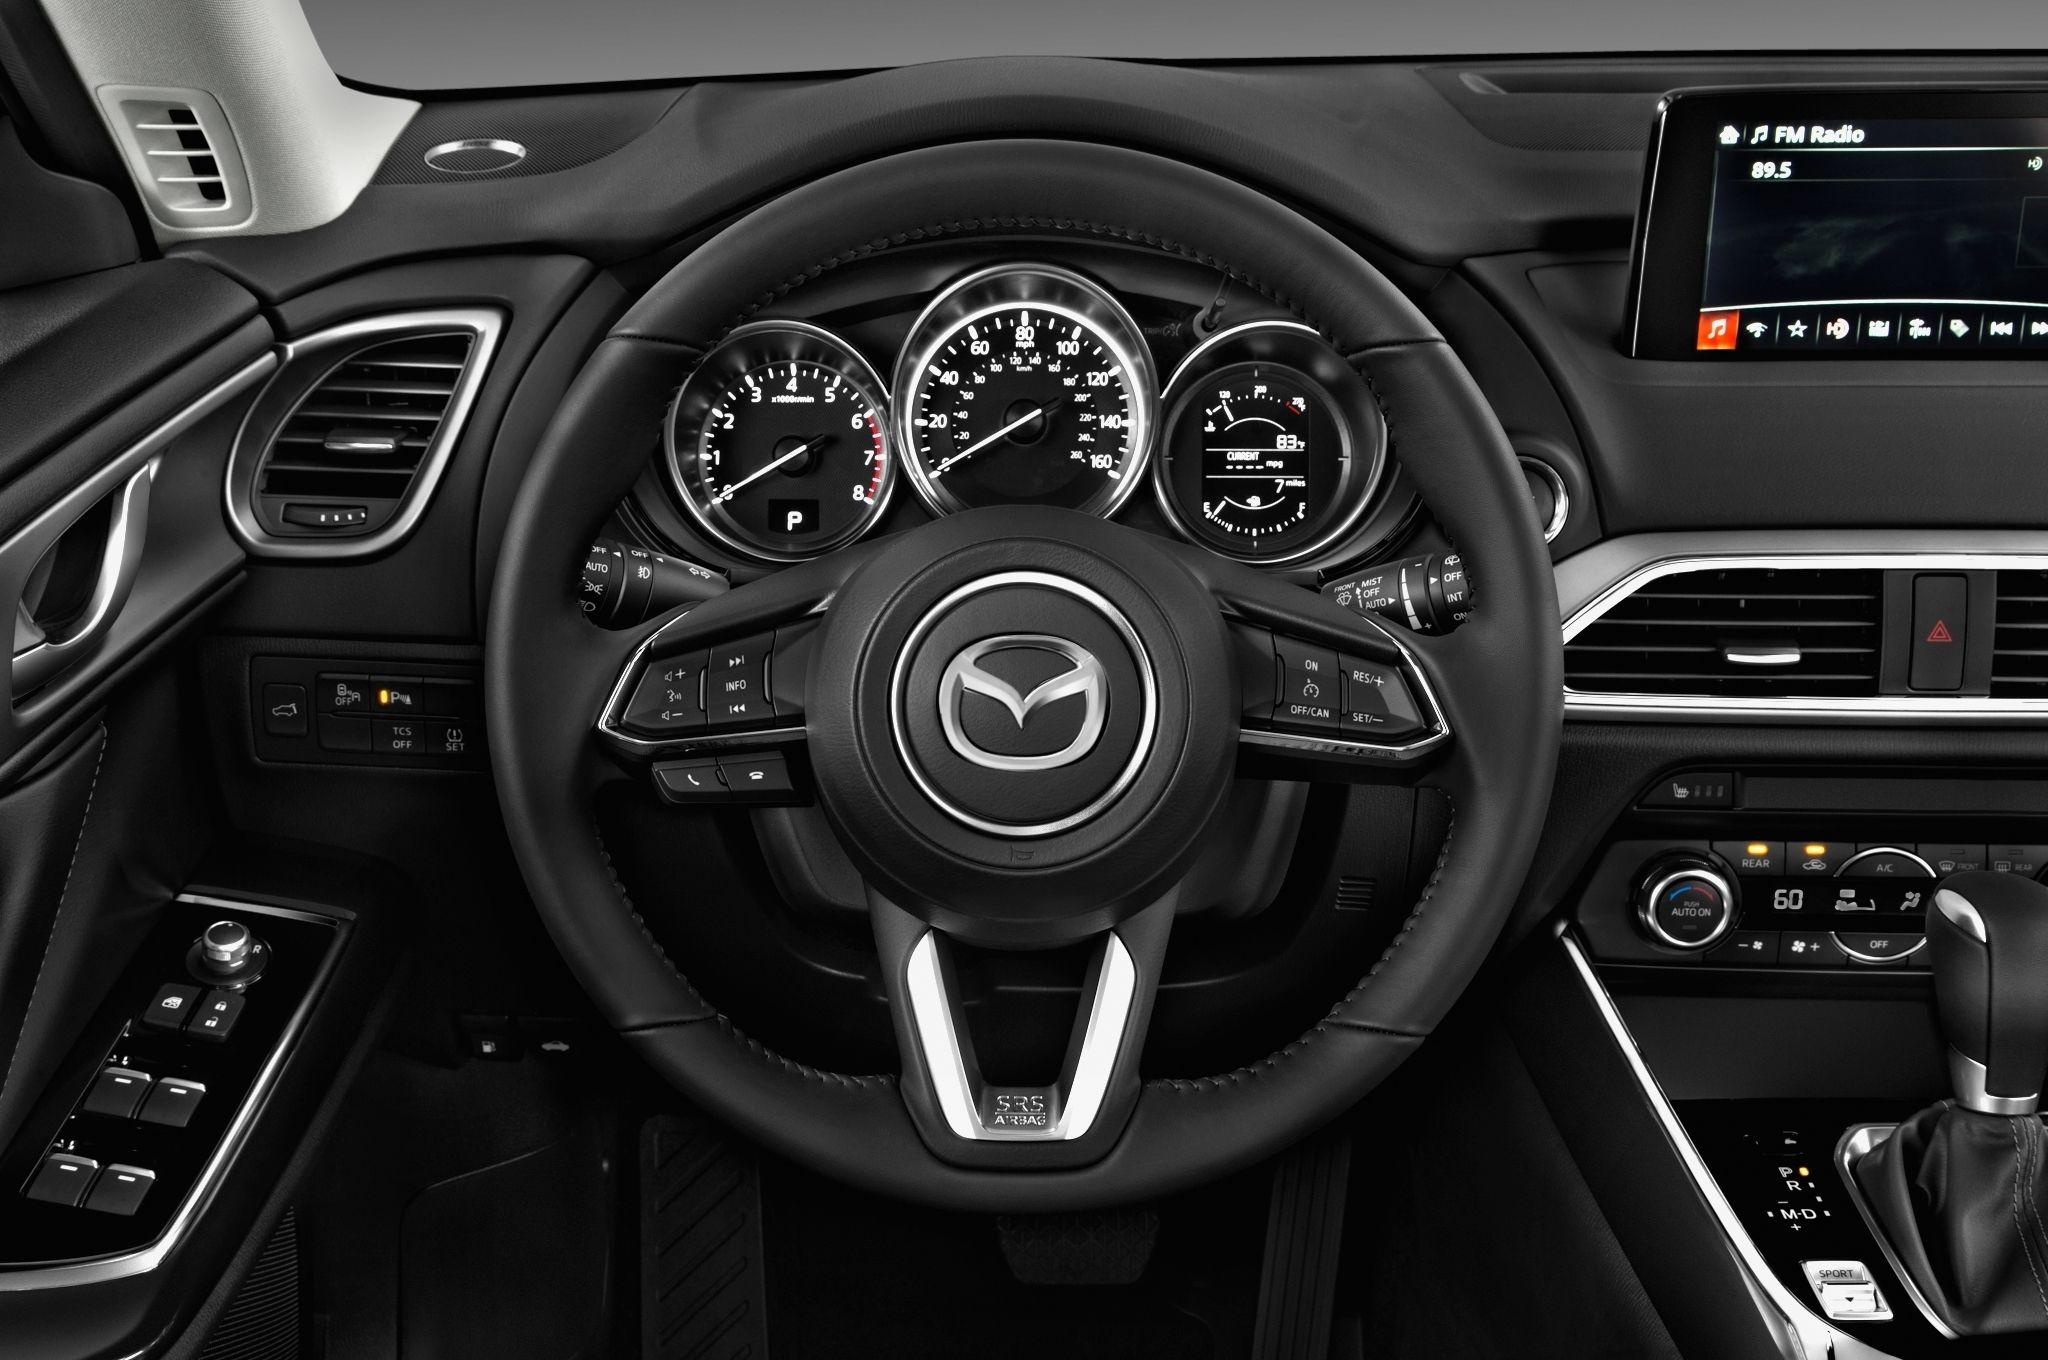 2019 Mazda Cx 9 Release Specs And Review Mazda Cx 9 Mazda Mazda Cx 7